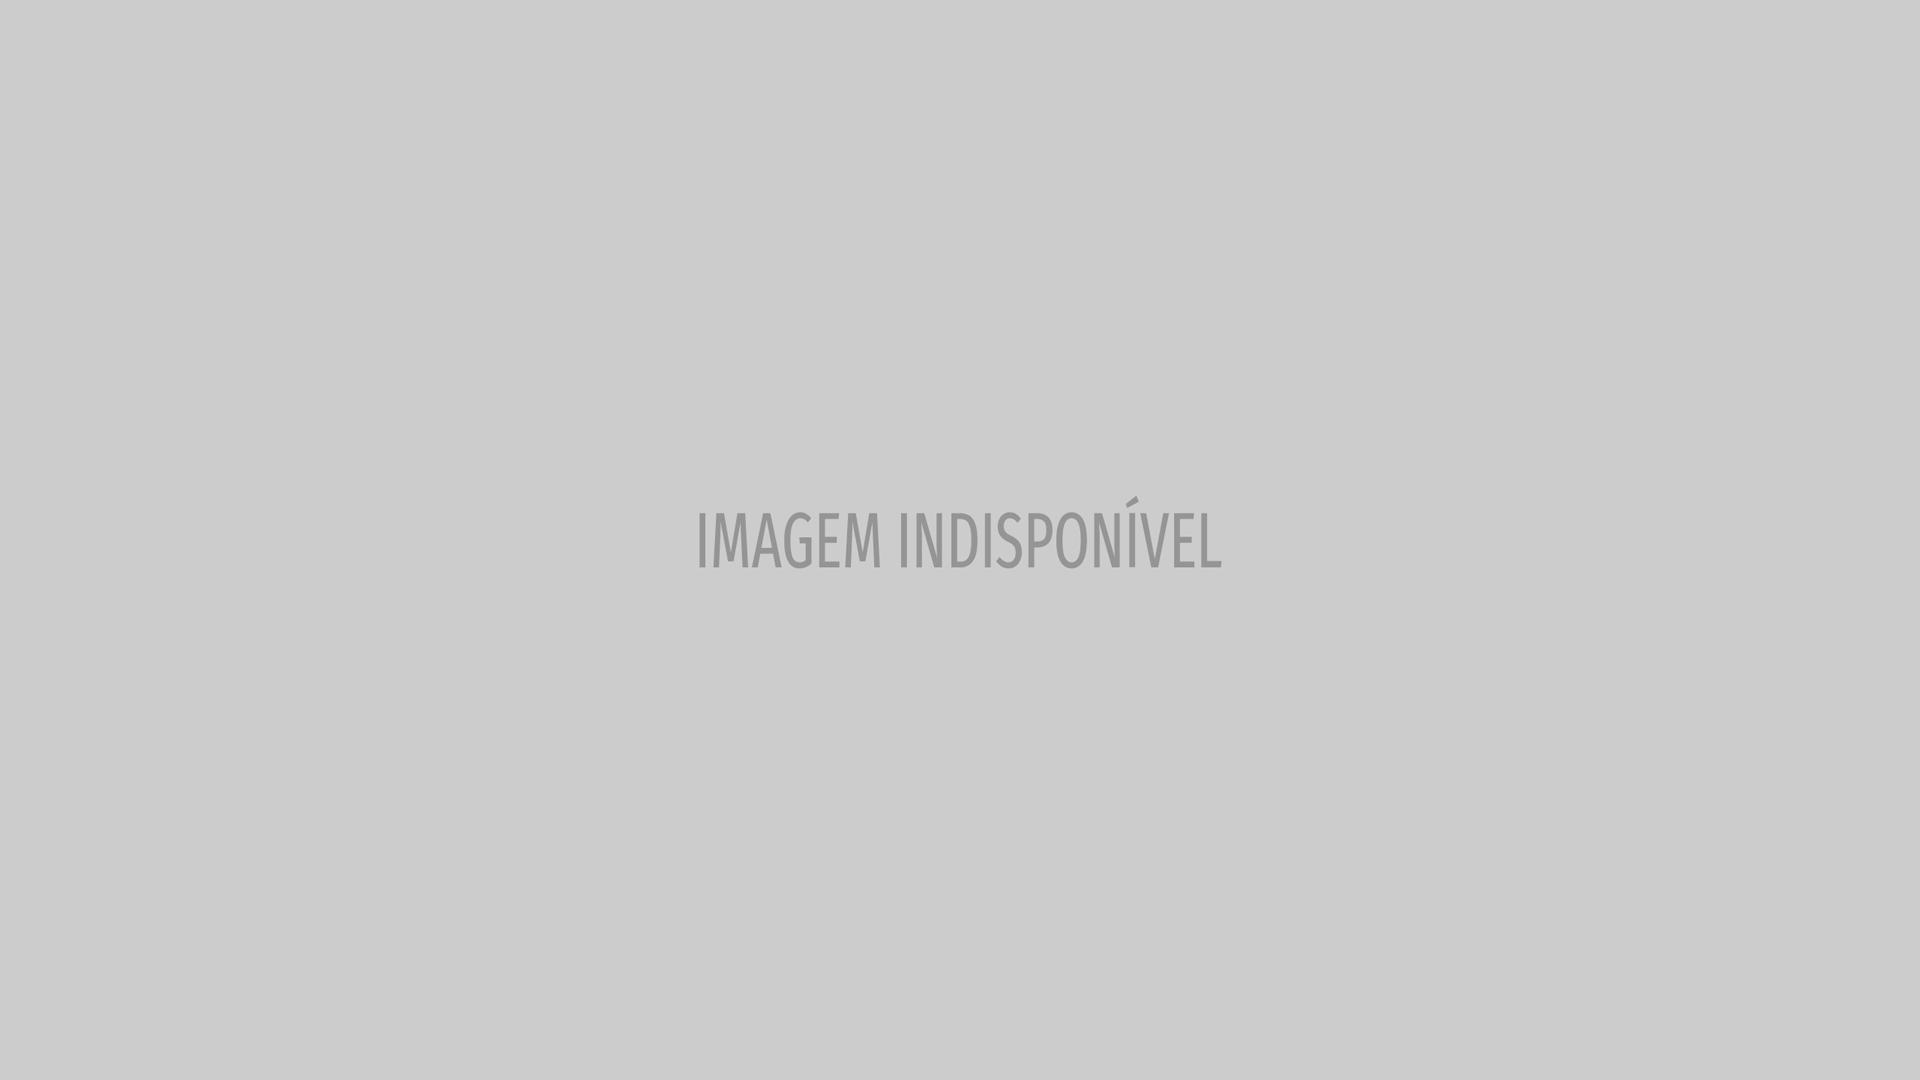 Ana Maria passa um dia em pescaria e exibe peixões como resultado